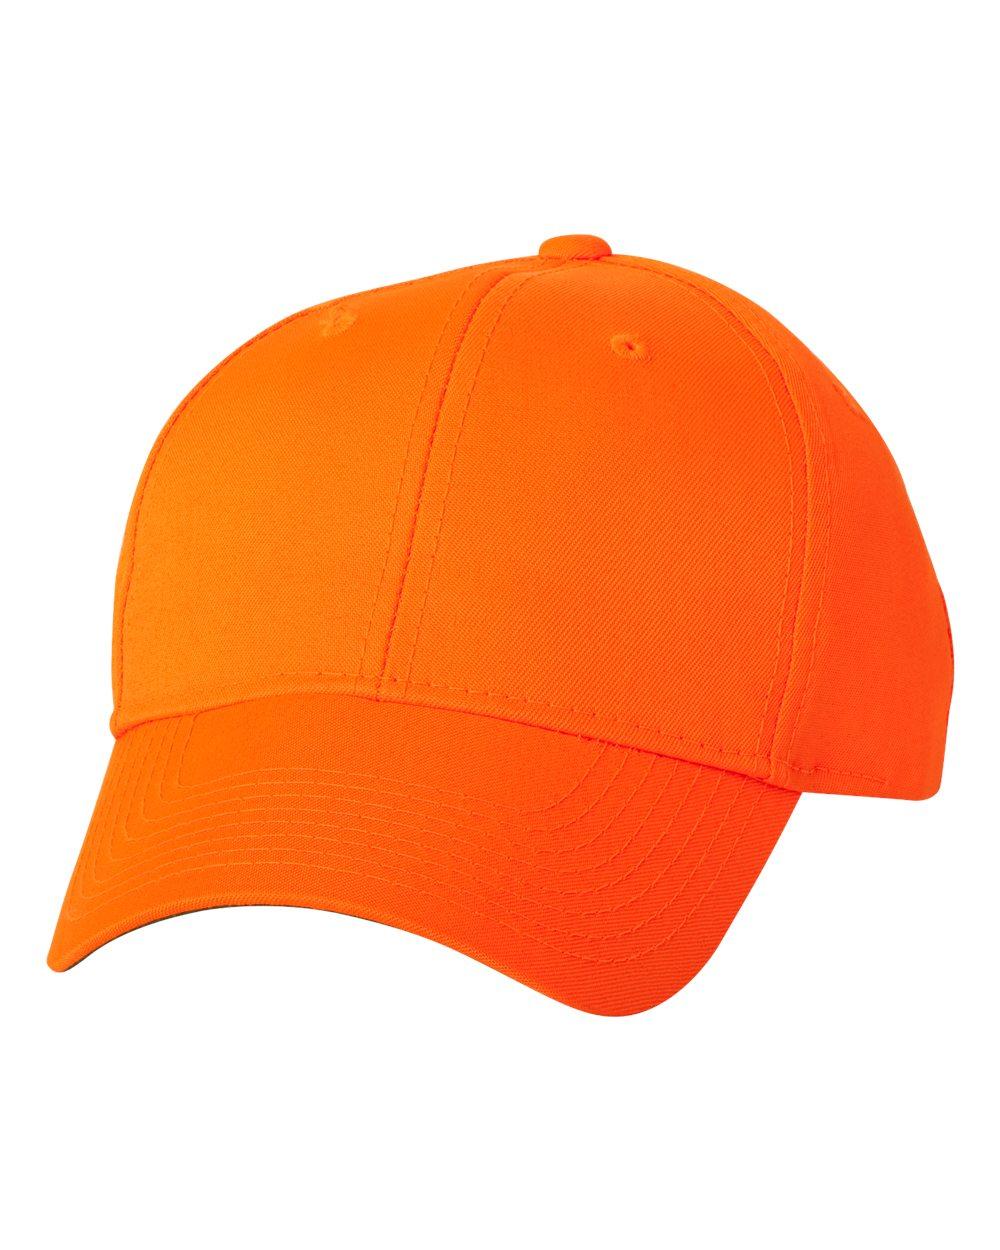 2f3516143e56d Outdoor Cap 301IS Wholesale